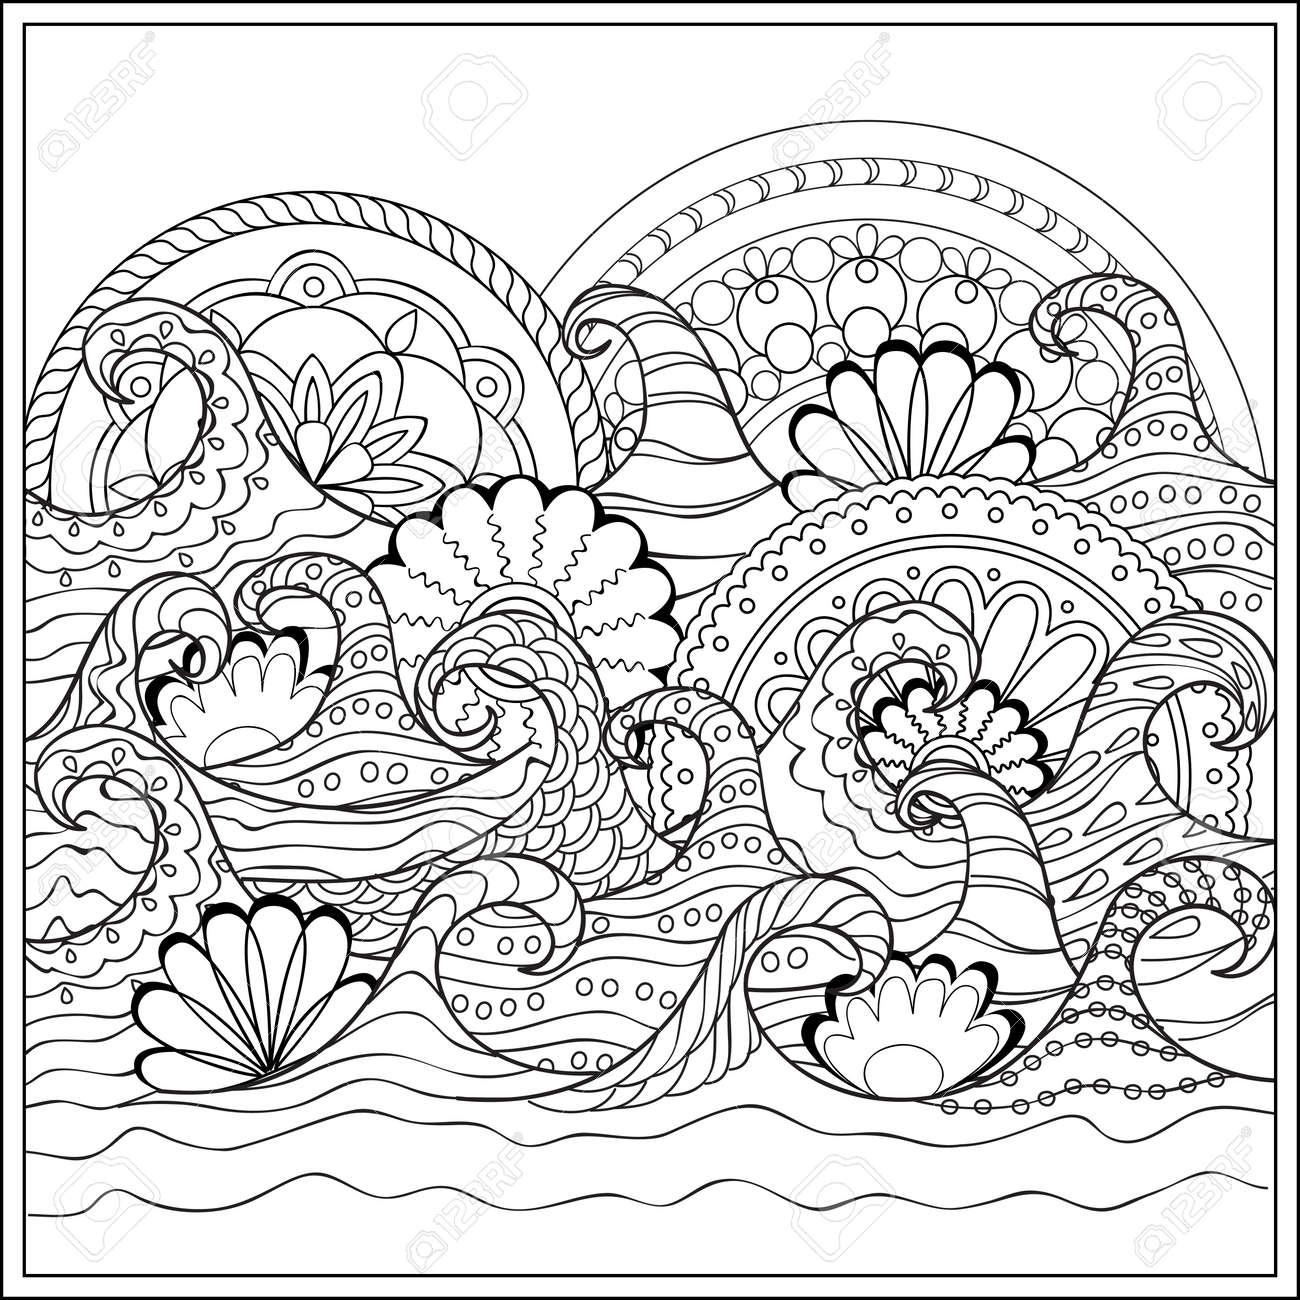 Dibujado A Mano Mandalas En El Océano Con Olas Decoradas. Imagen ...